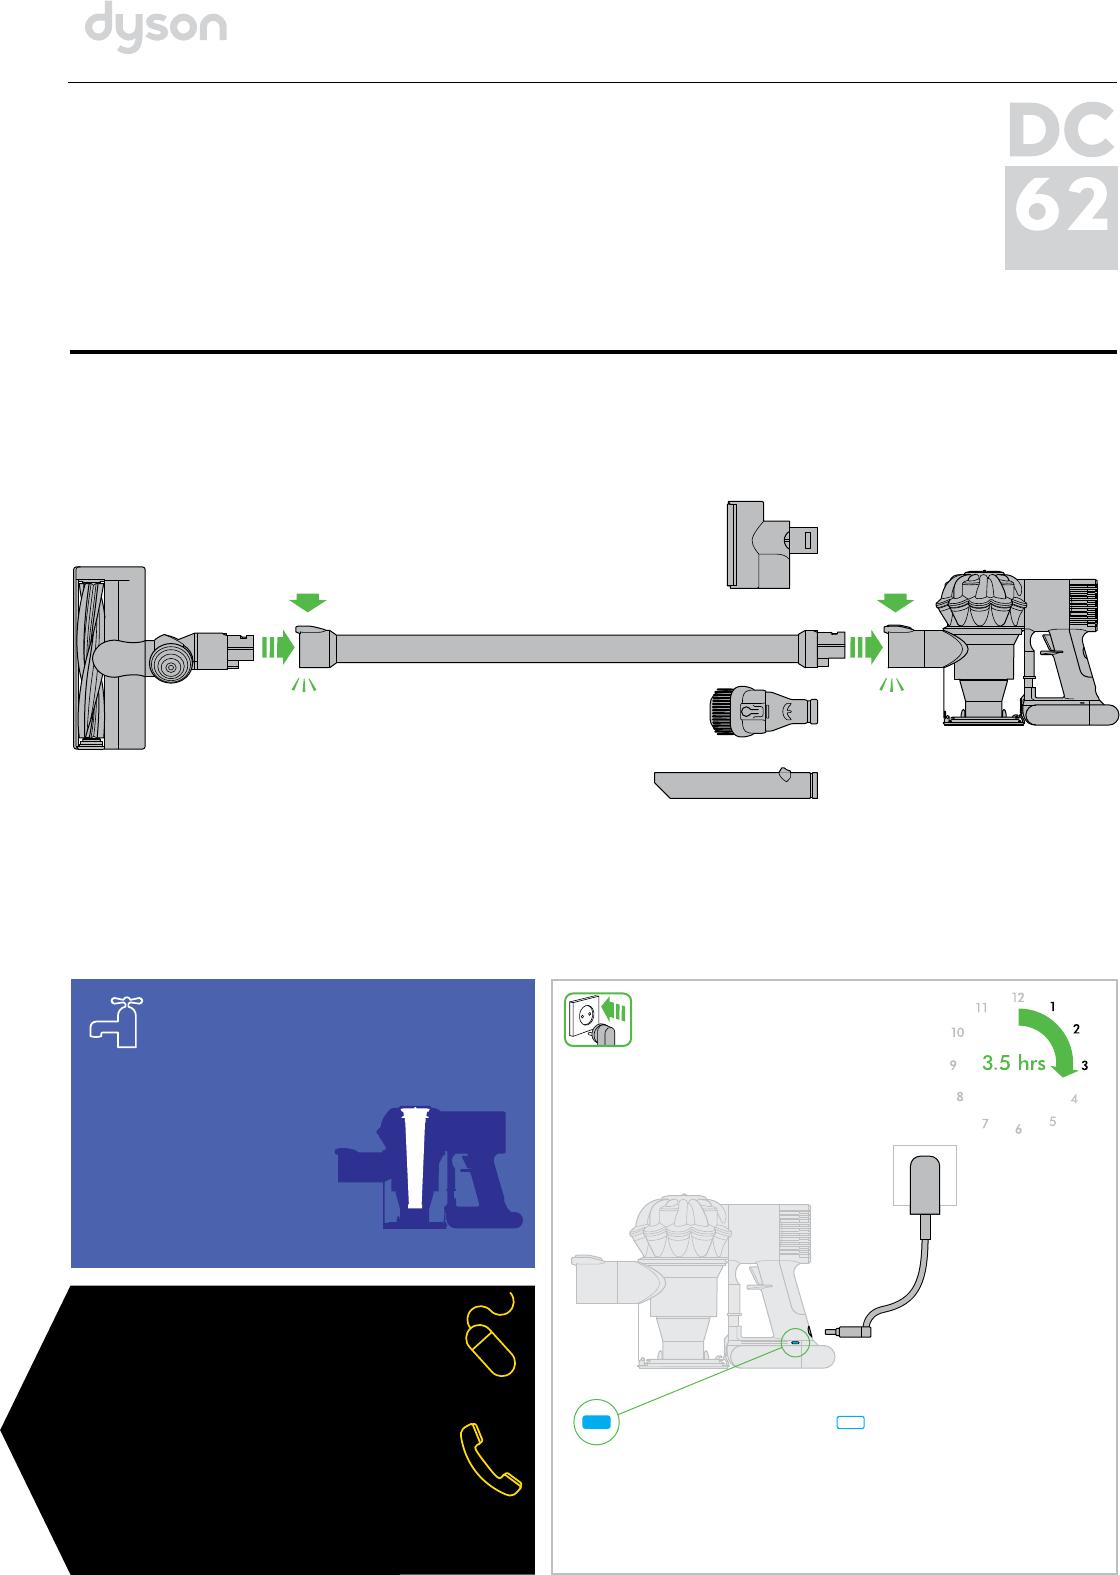 Manual dyson v6 щетка для пылесоса дайсон на олх